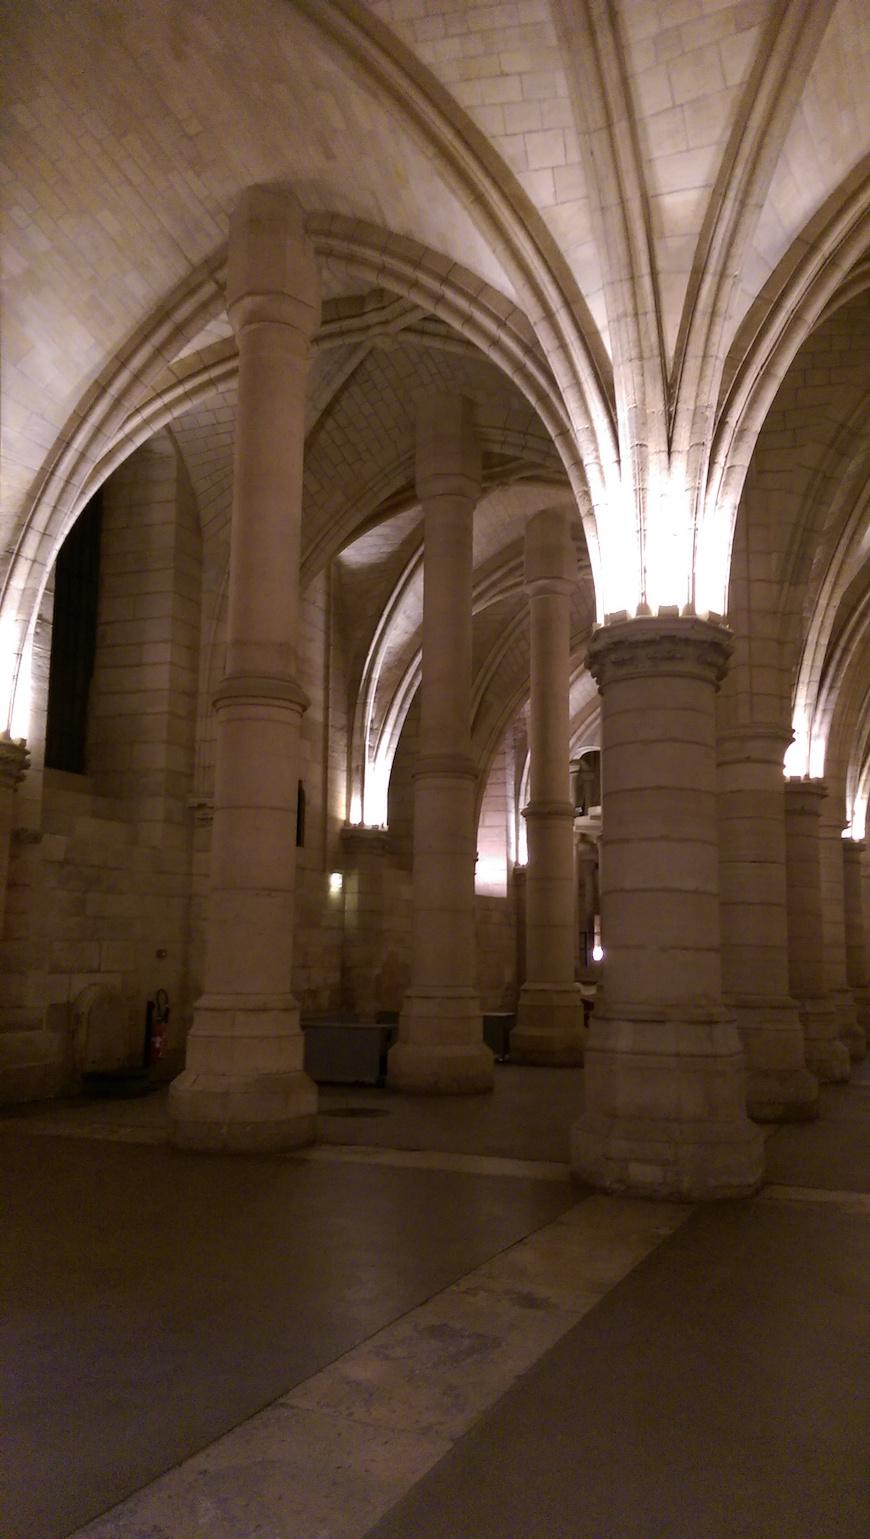 安靜而微涼的監獄拱廊(圖片來源:李珮宇)